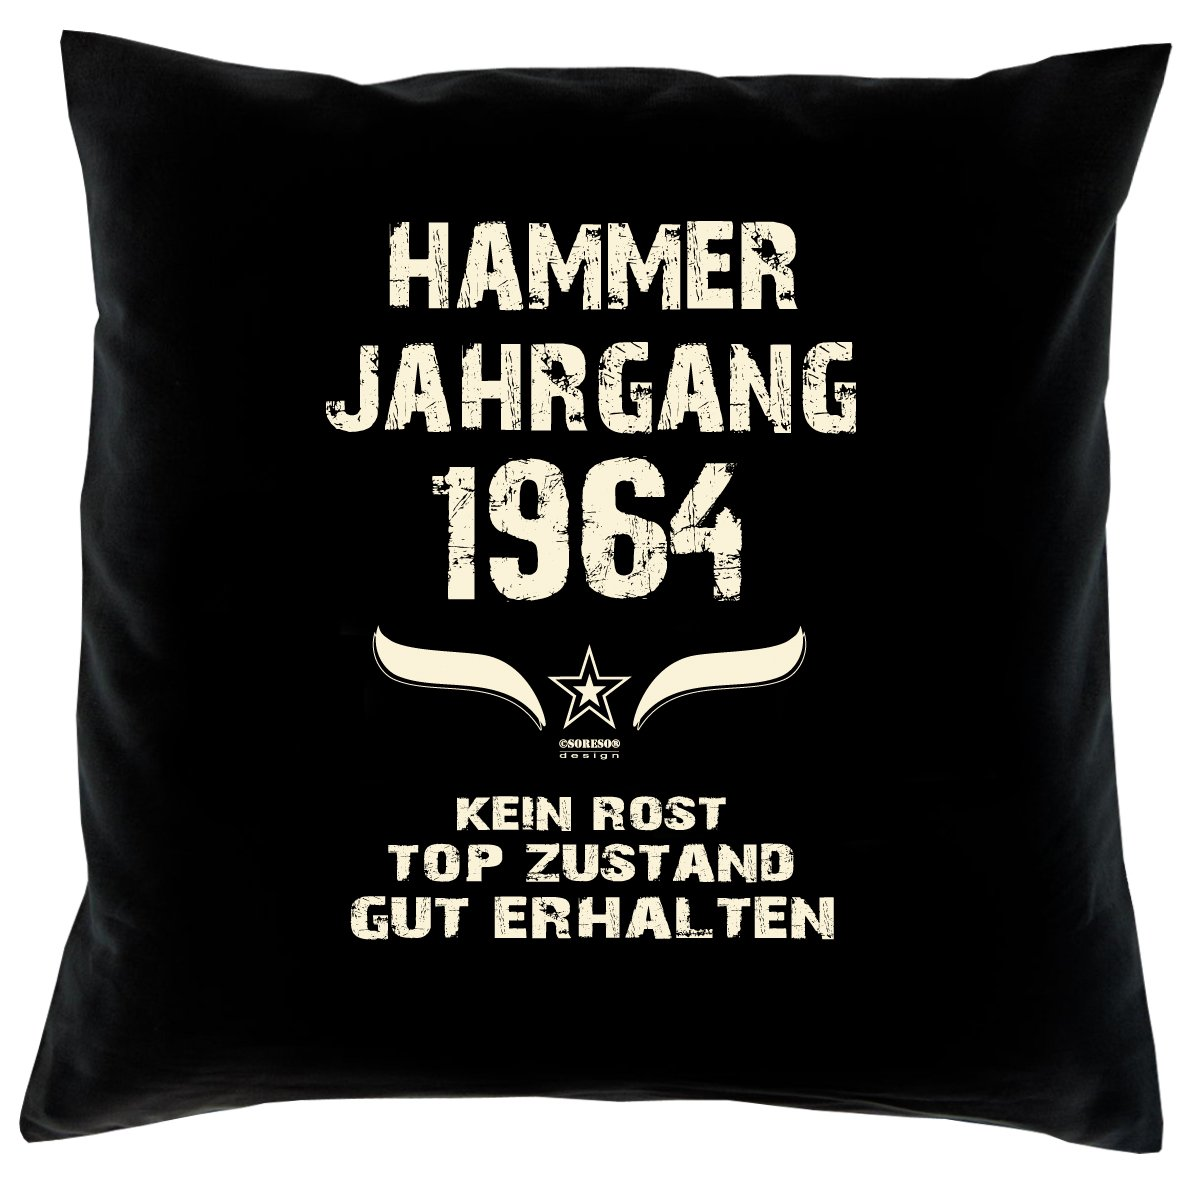 Cooles – Fun – Kissen – Sitzkissen – Zum 52. Geburtstag – Hammer Jahrgang 1964 Farbe: Schwarz – Größe: 40 x 40 cm online bestellen